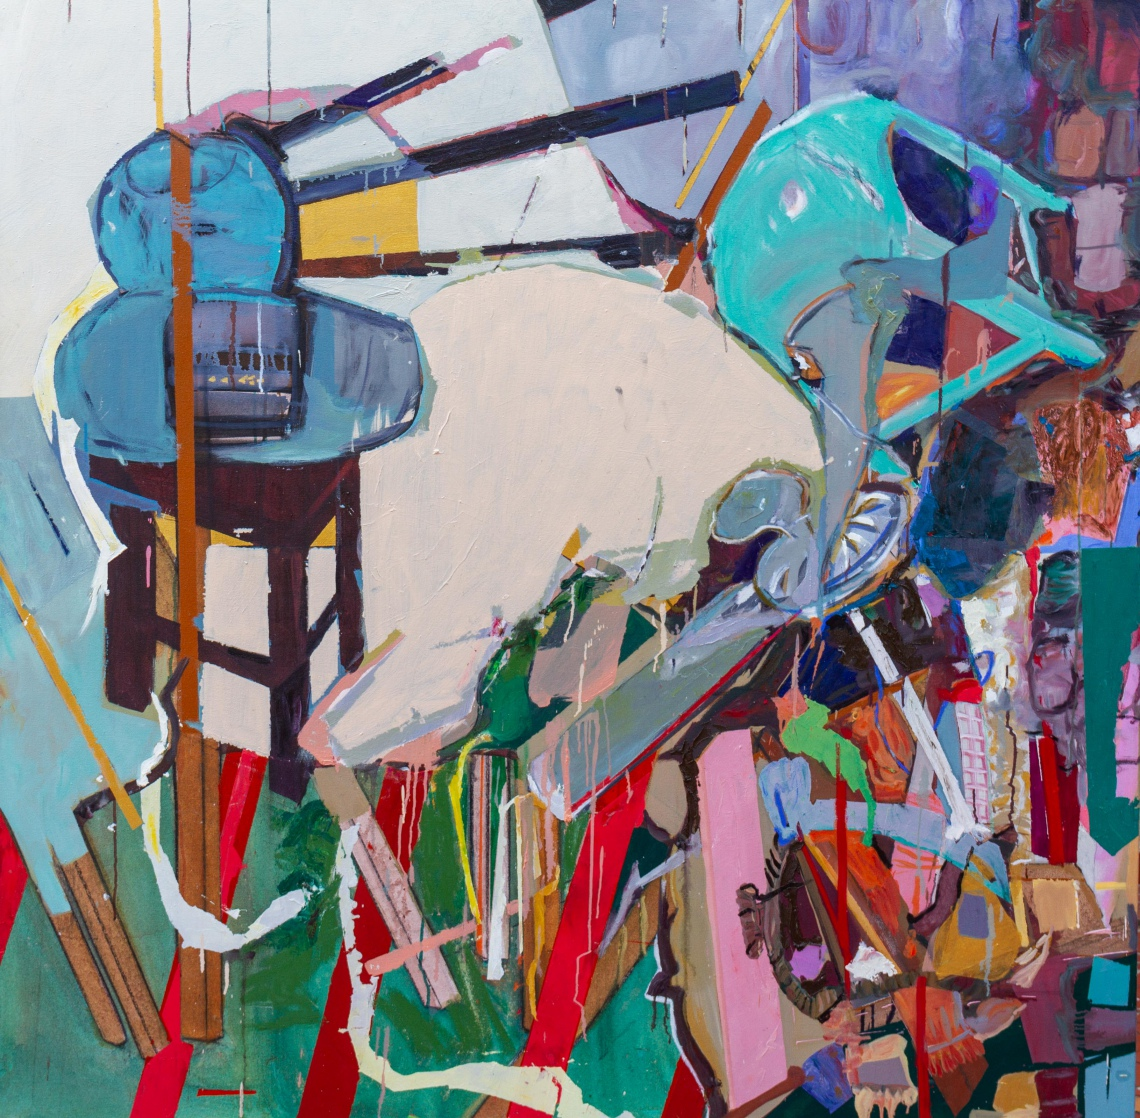 Leilão de Arte Online e Presencial Blombô | FAZENDA BOA VISTA | 16 de novembro às 20h